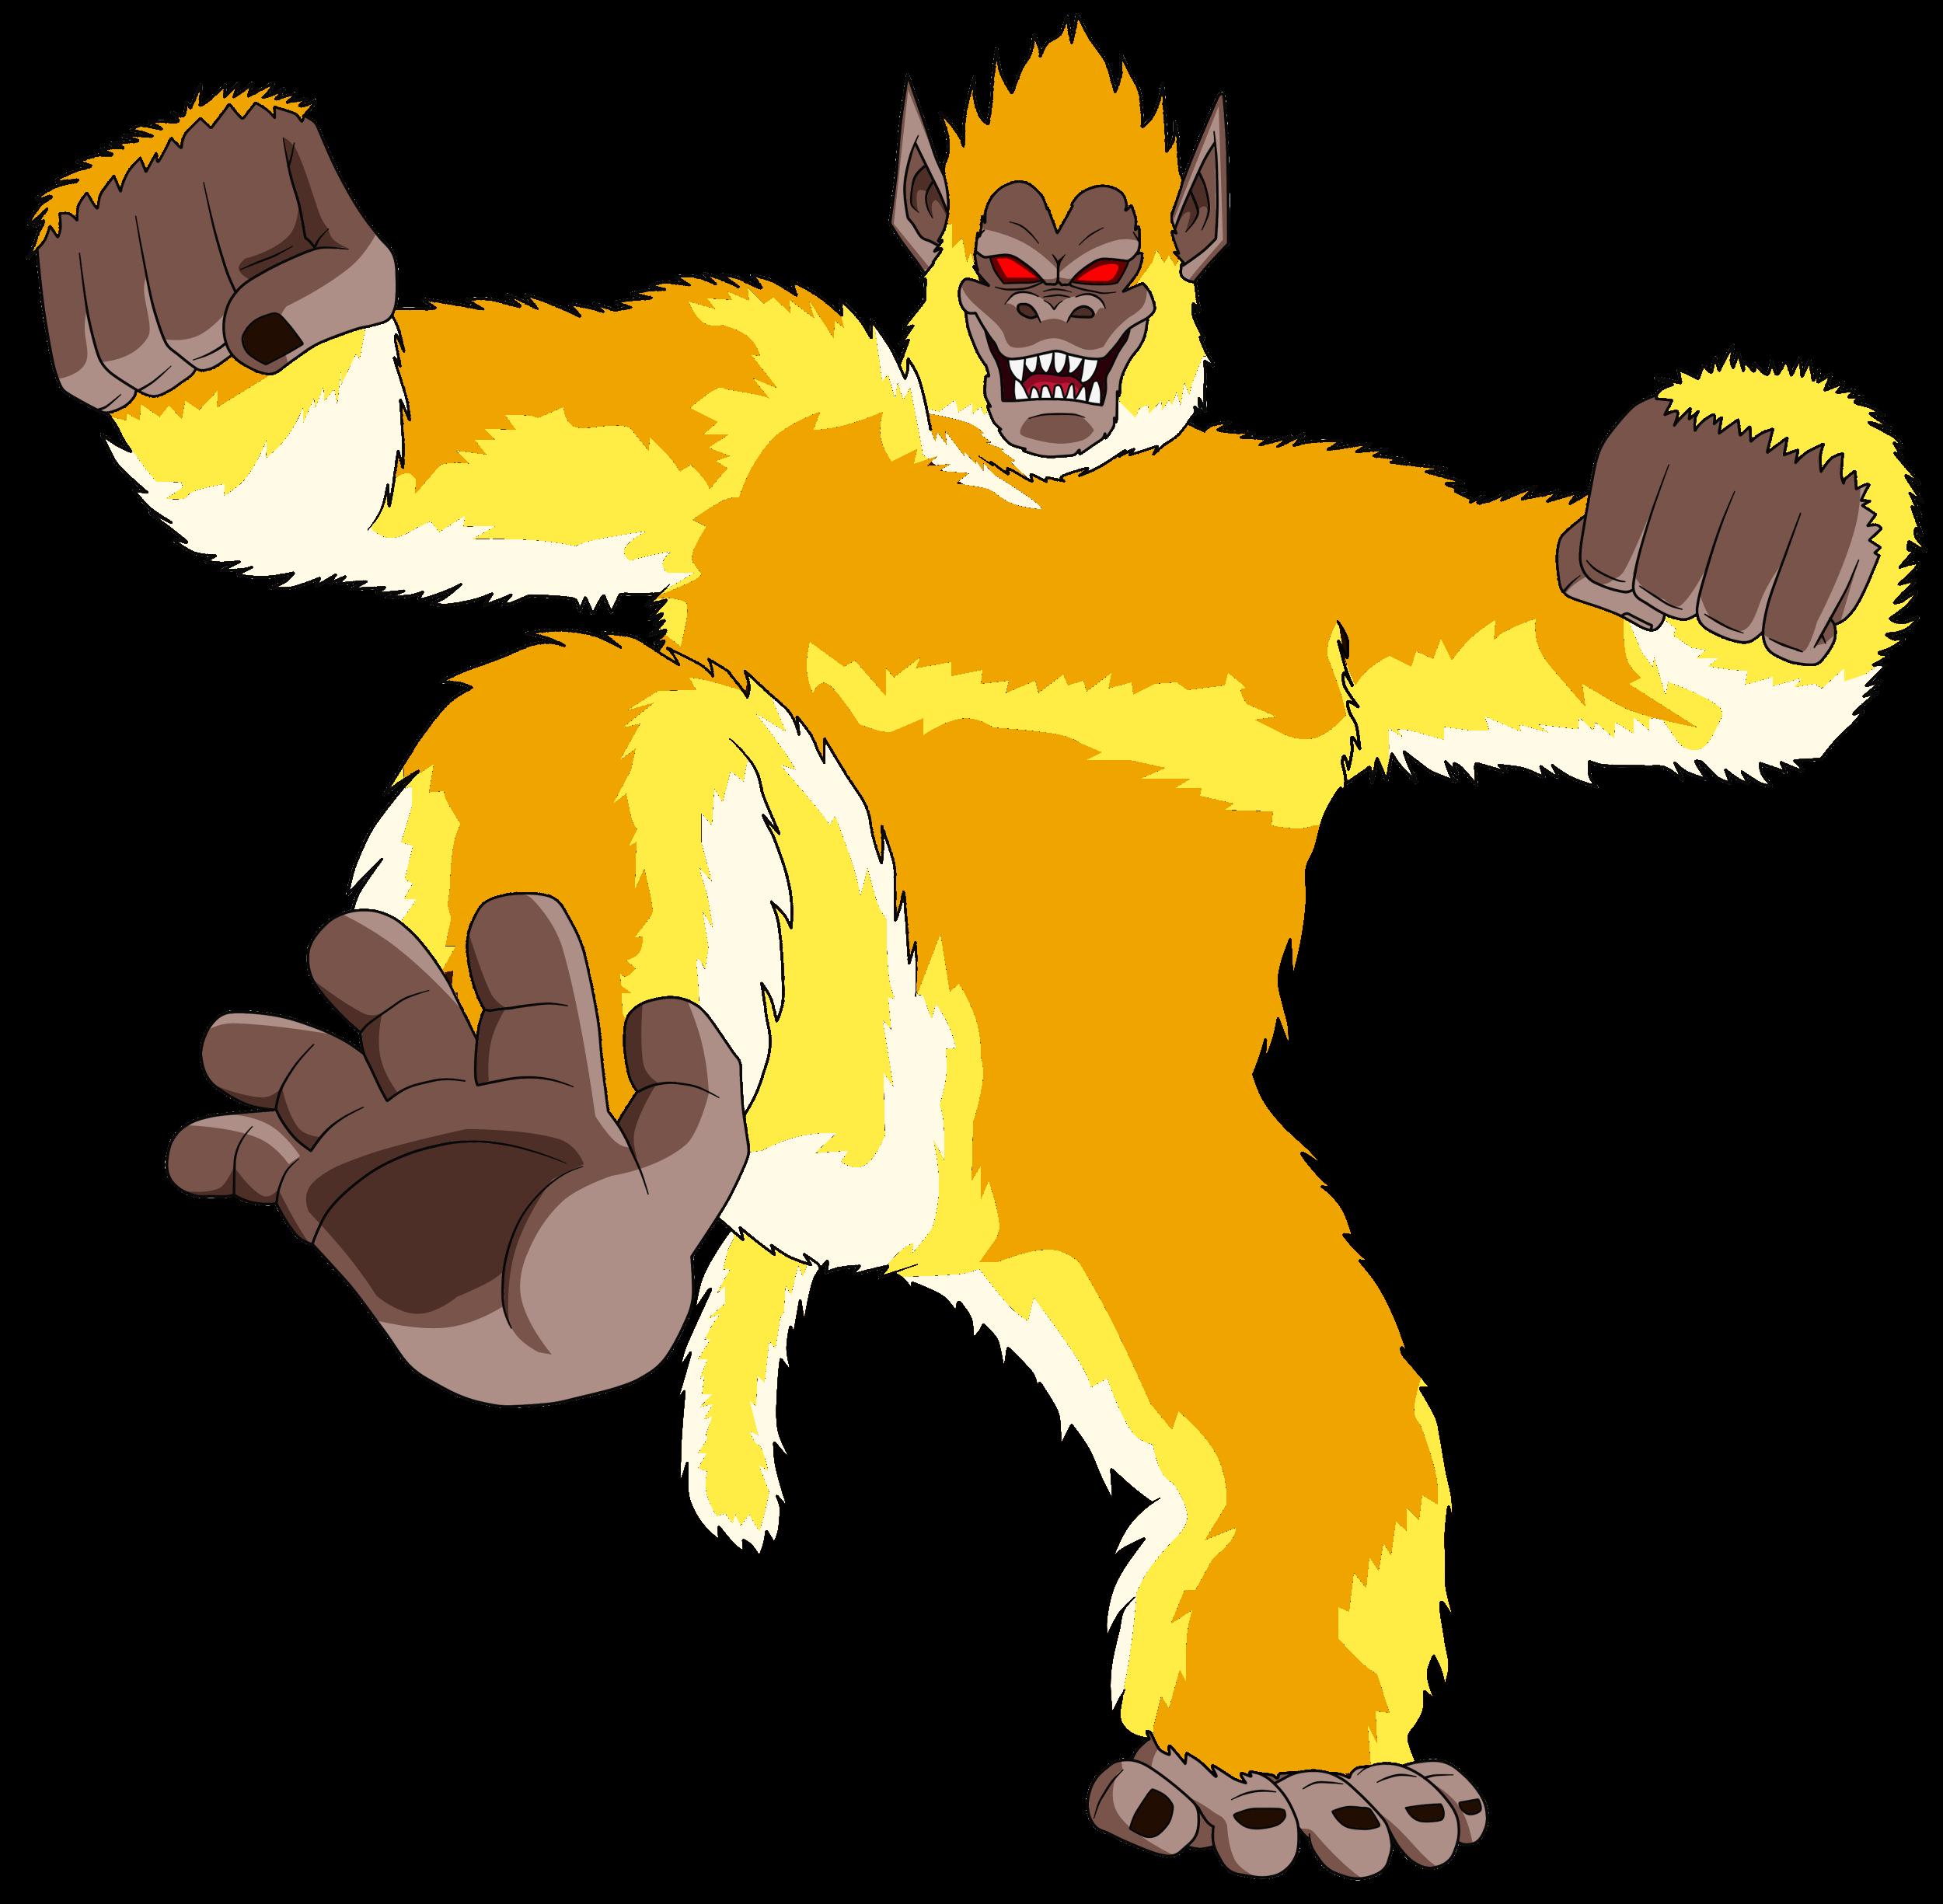 Vegeta Mono gigantesco dorado